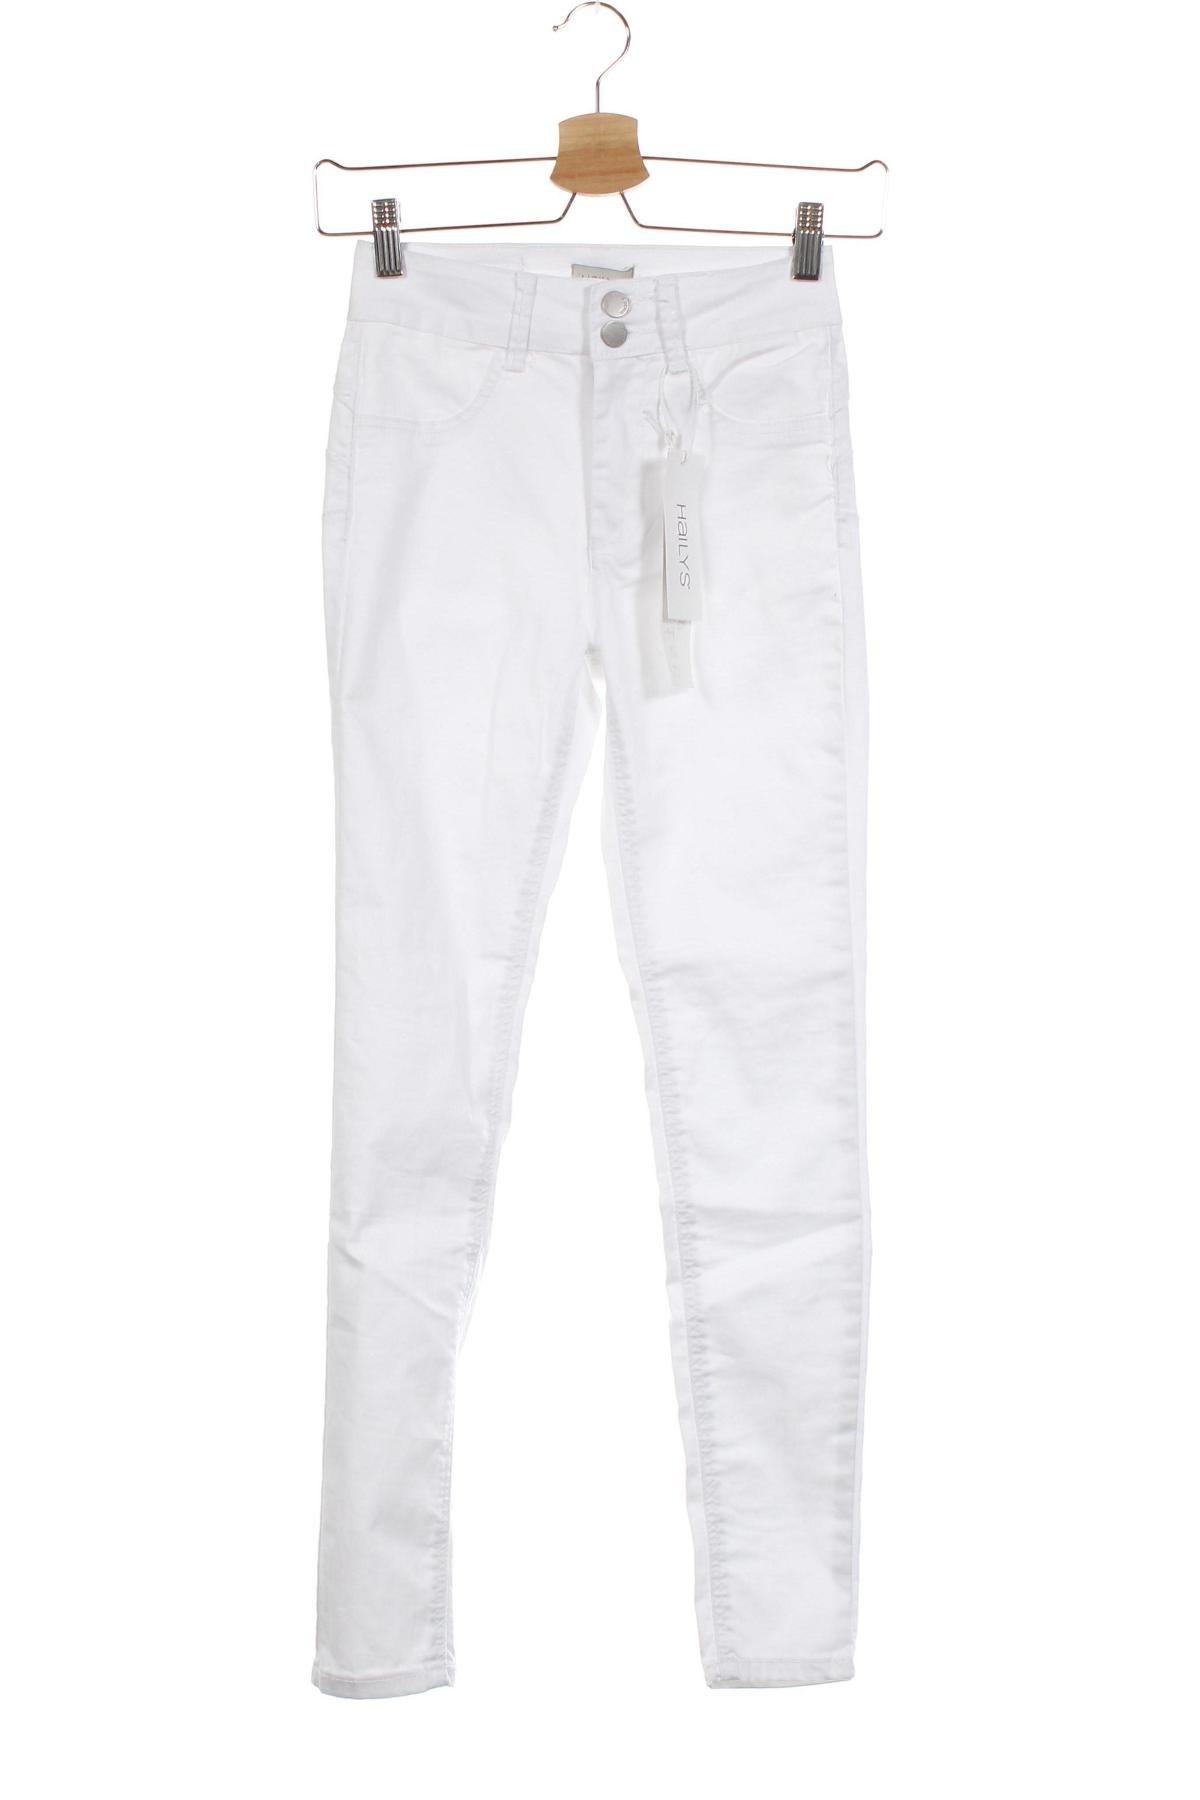 Дамски дънки Haily`s, Размер XS, Цвят Бял, 70% памук, 28% полиестер, 2% еластан, Цена 22,42лв.